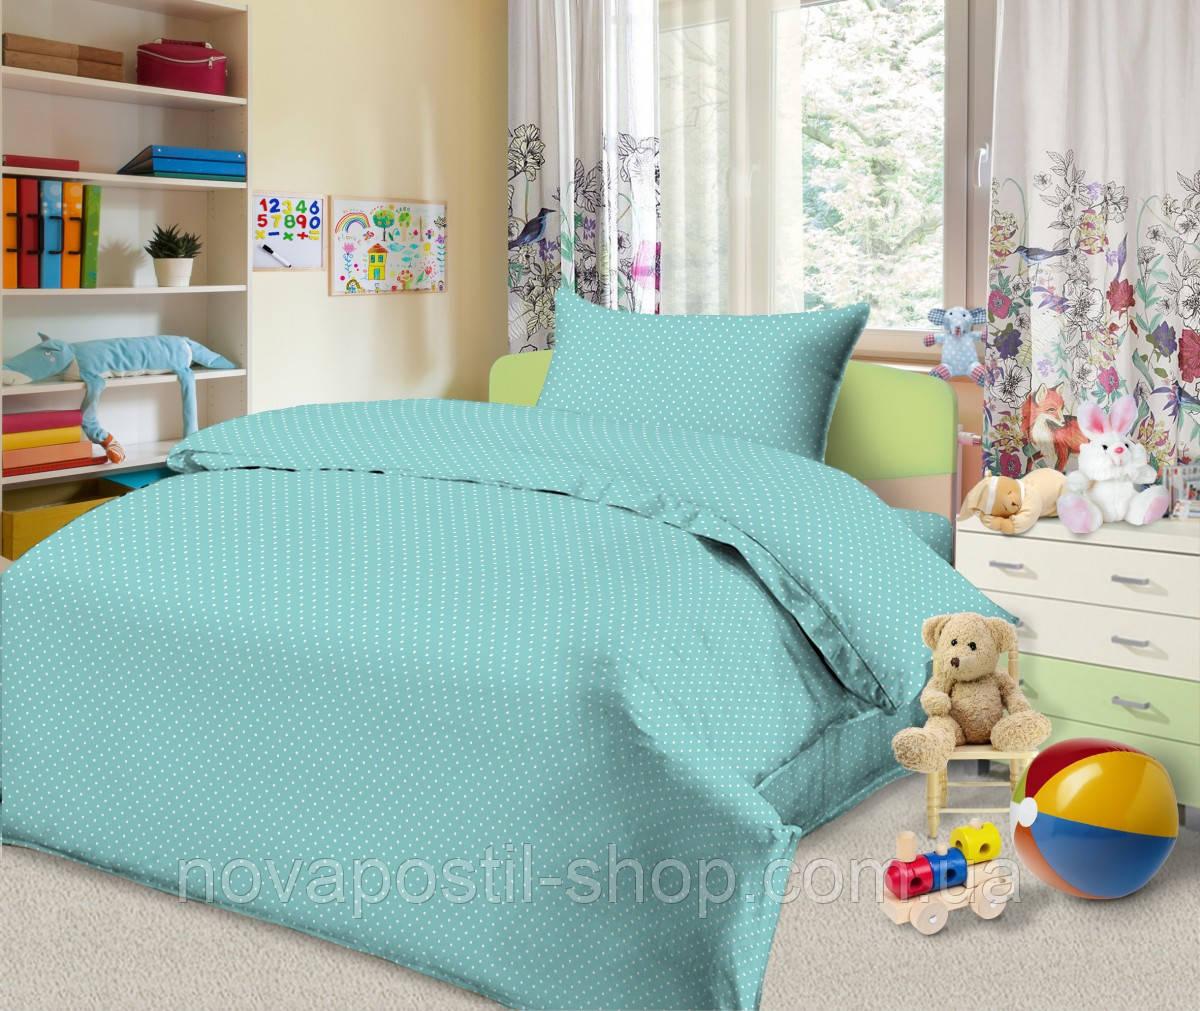 Ткань для детского постельного белья, бязь Горошек Бирюза